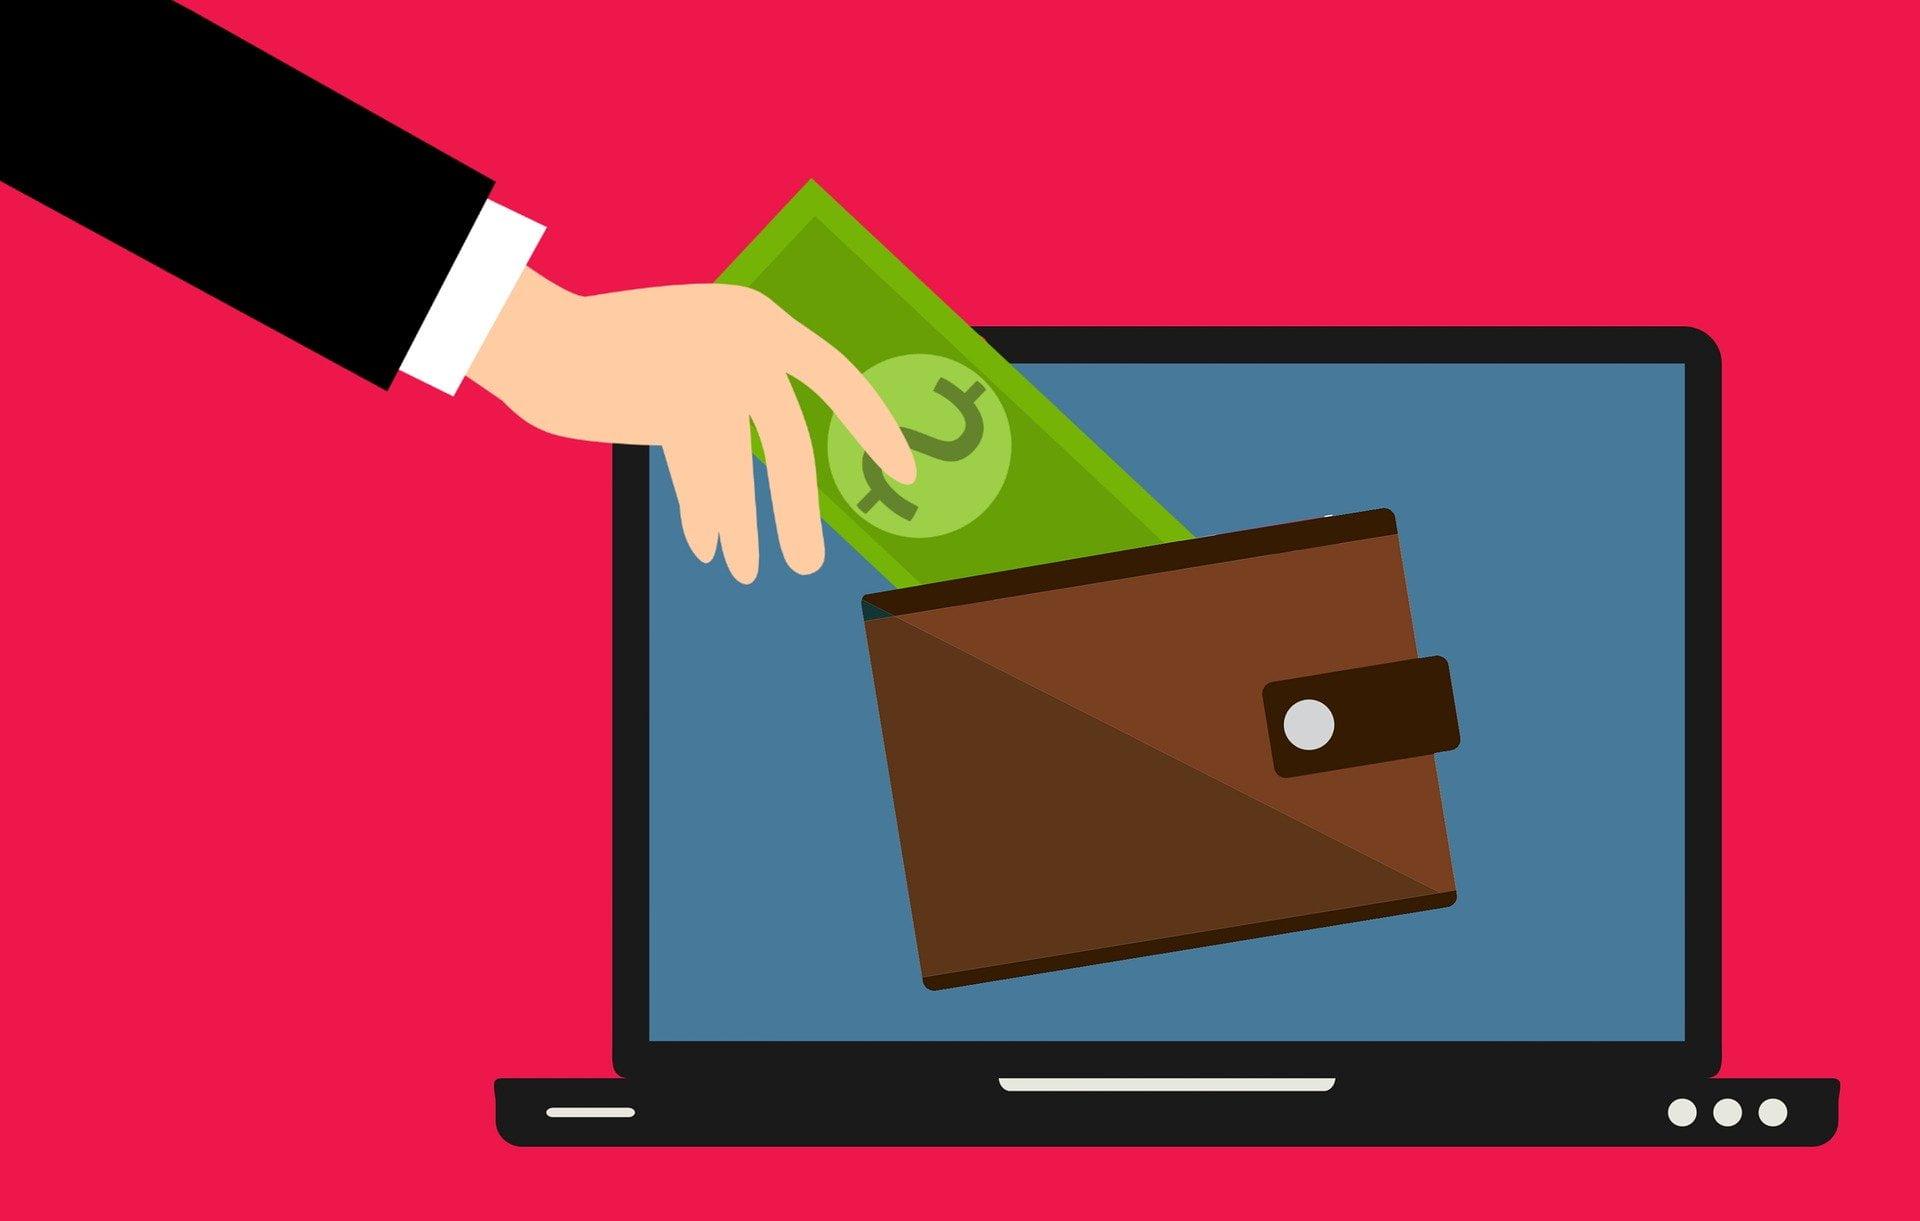 Google Pay, Itaú Unibanco e Rappi se juntam para incentivar pagamento on-line com débito durante pandemia